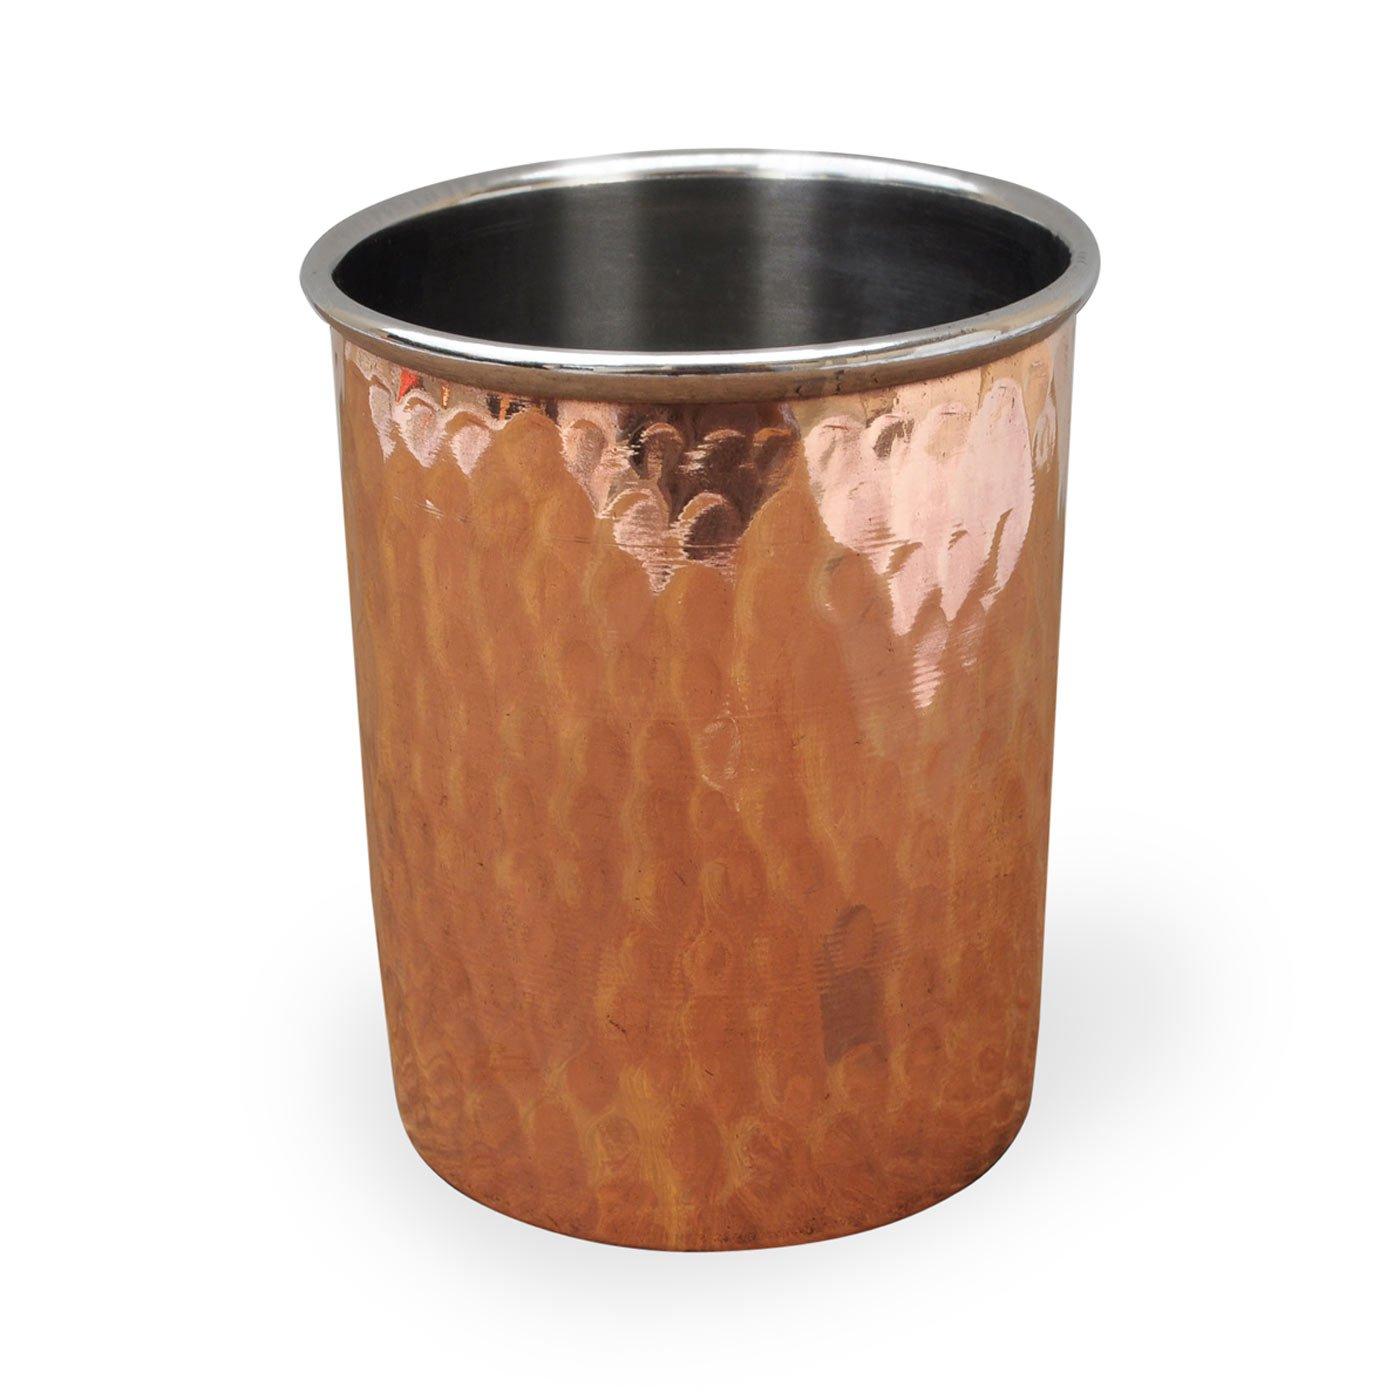 Dungri la India Botella de cobre macizo con 3 Vasos Vasos alta calidad Conjunto de Ayurveda Sanación: Amazon.es: Hogar